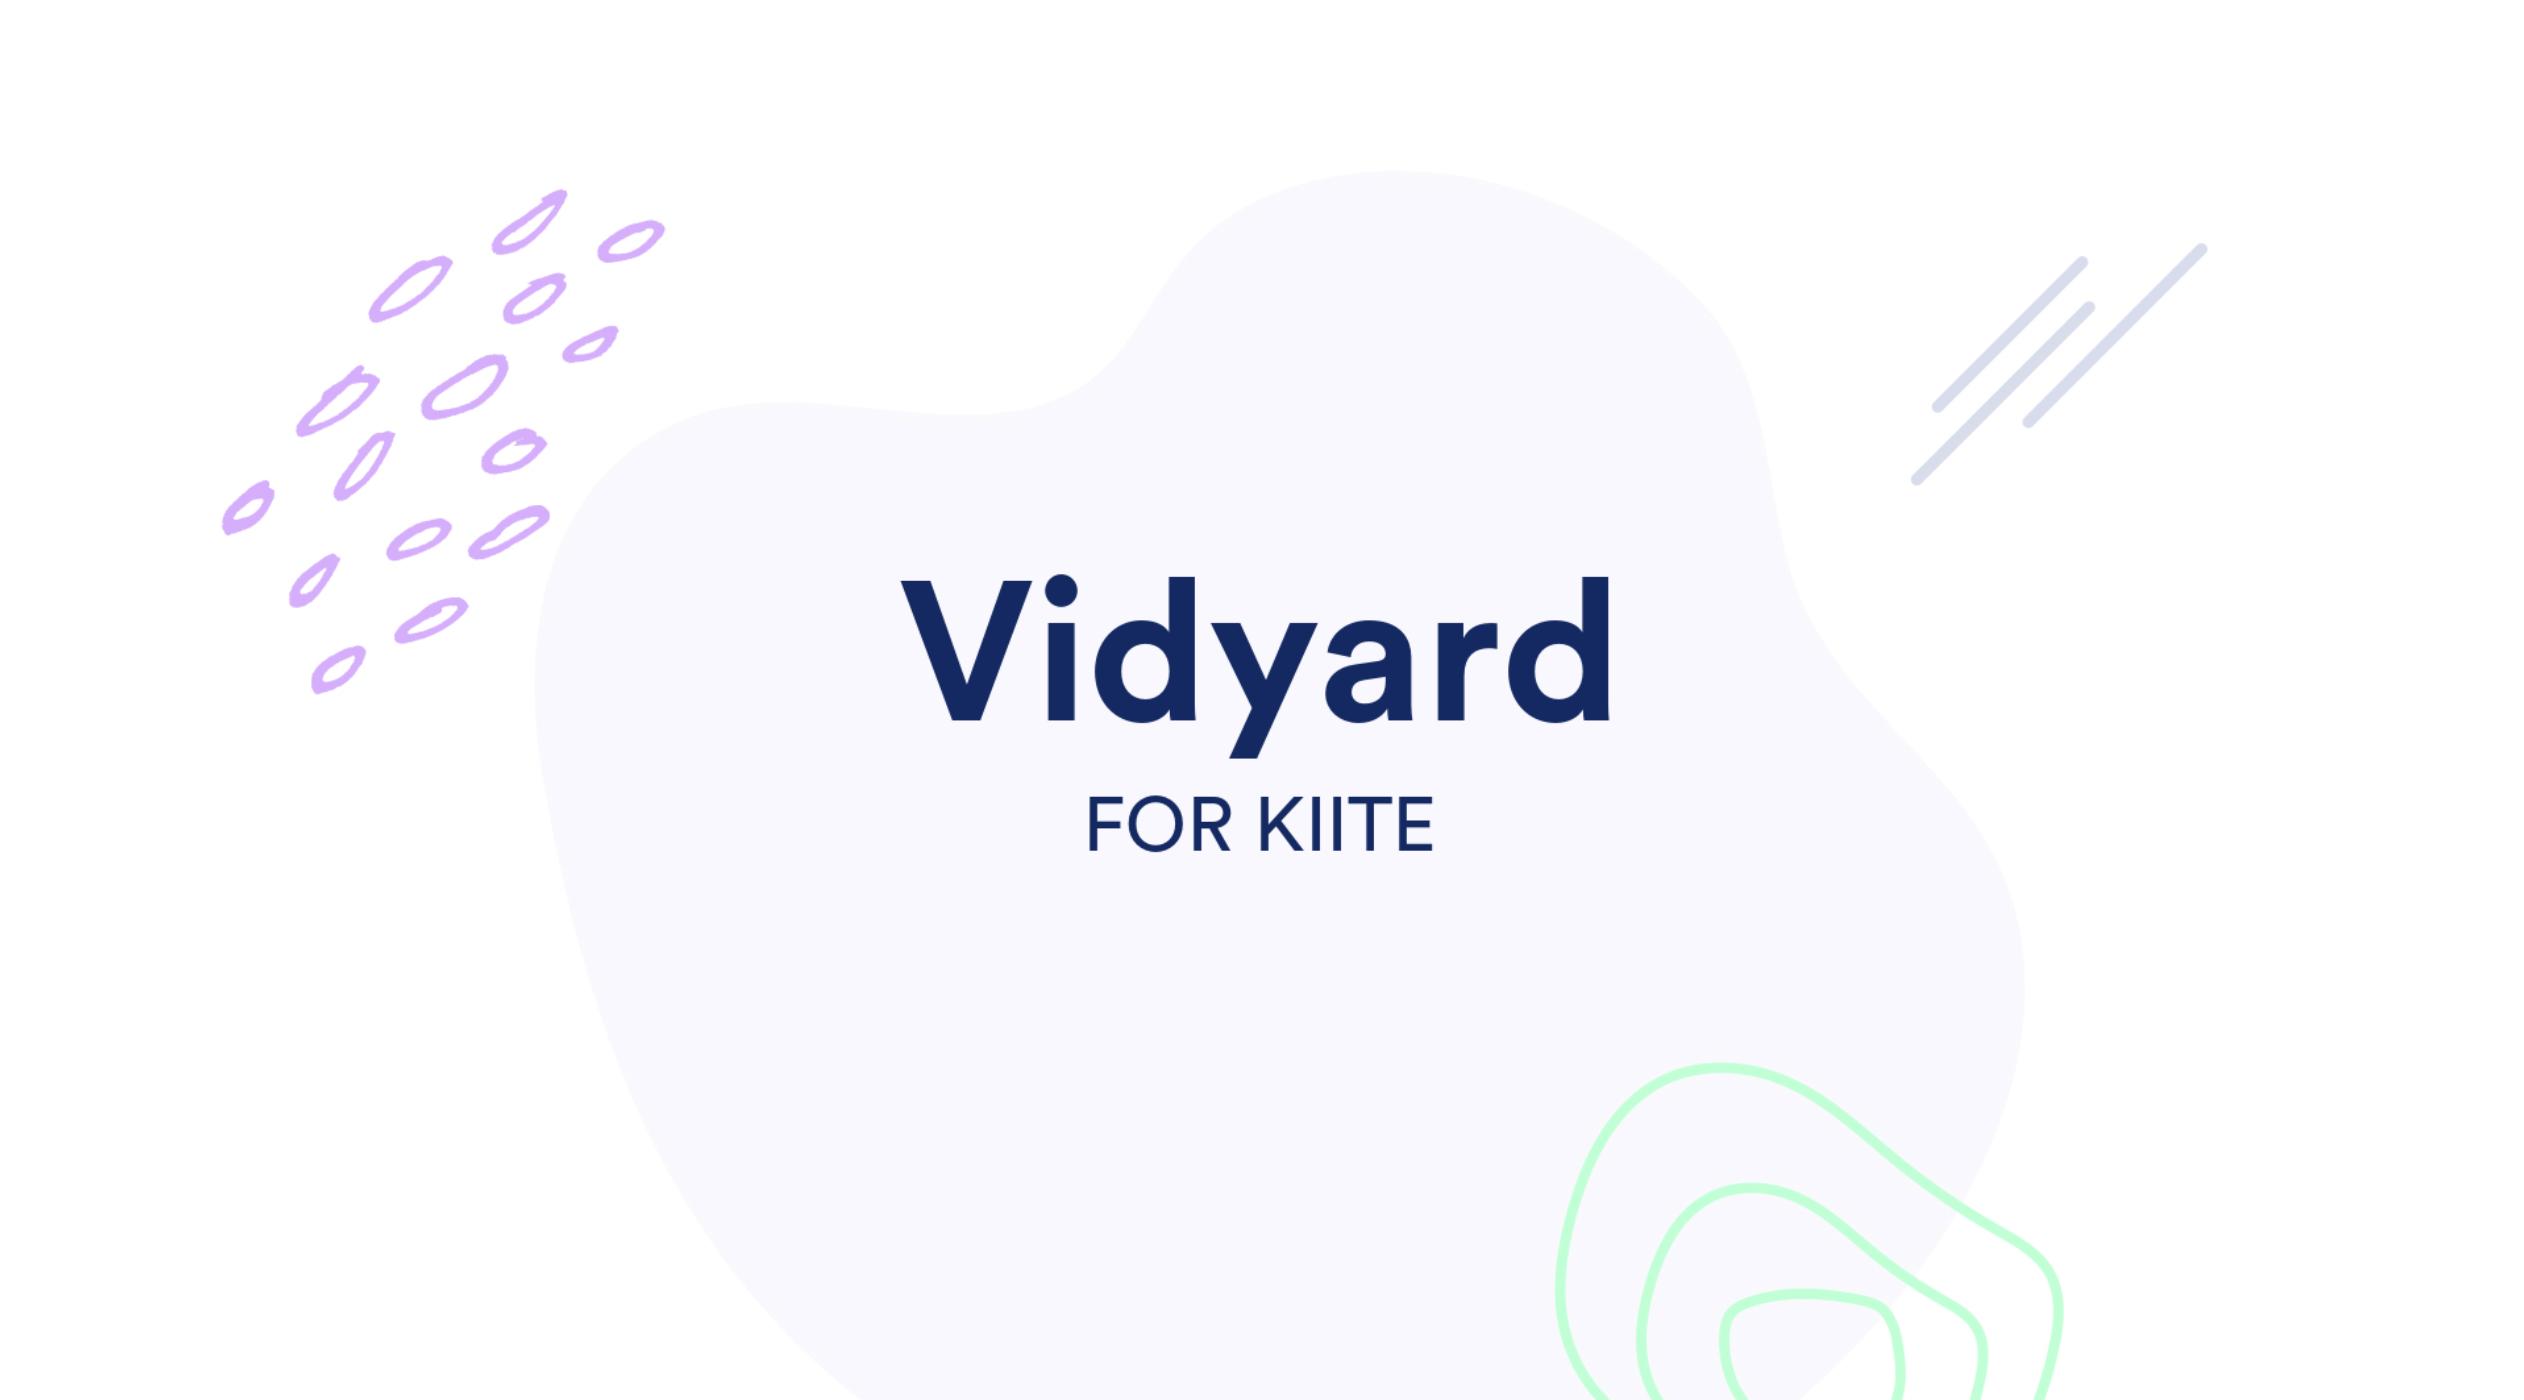 Vidyard + Kiite Integration Video